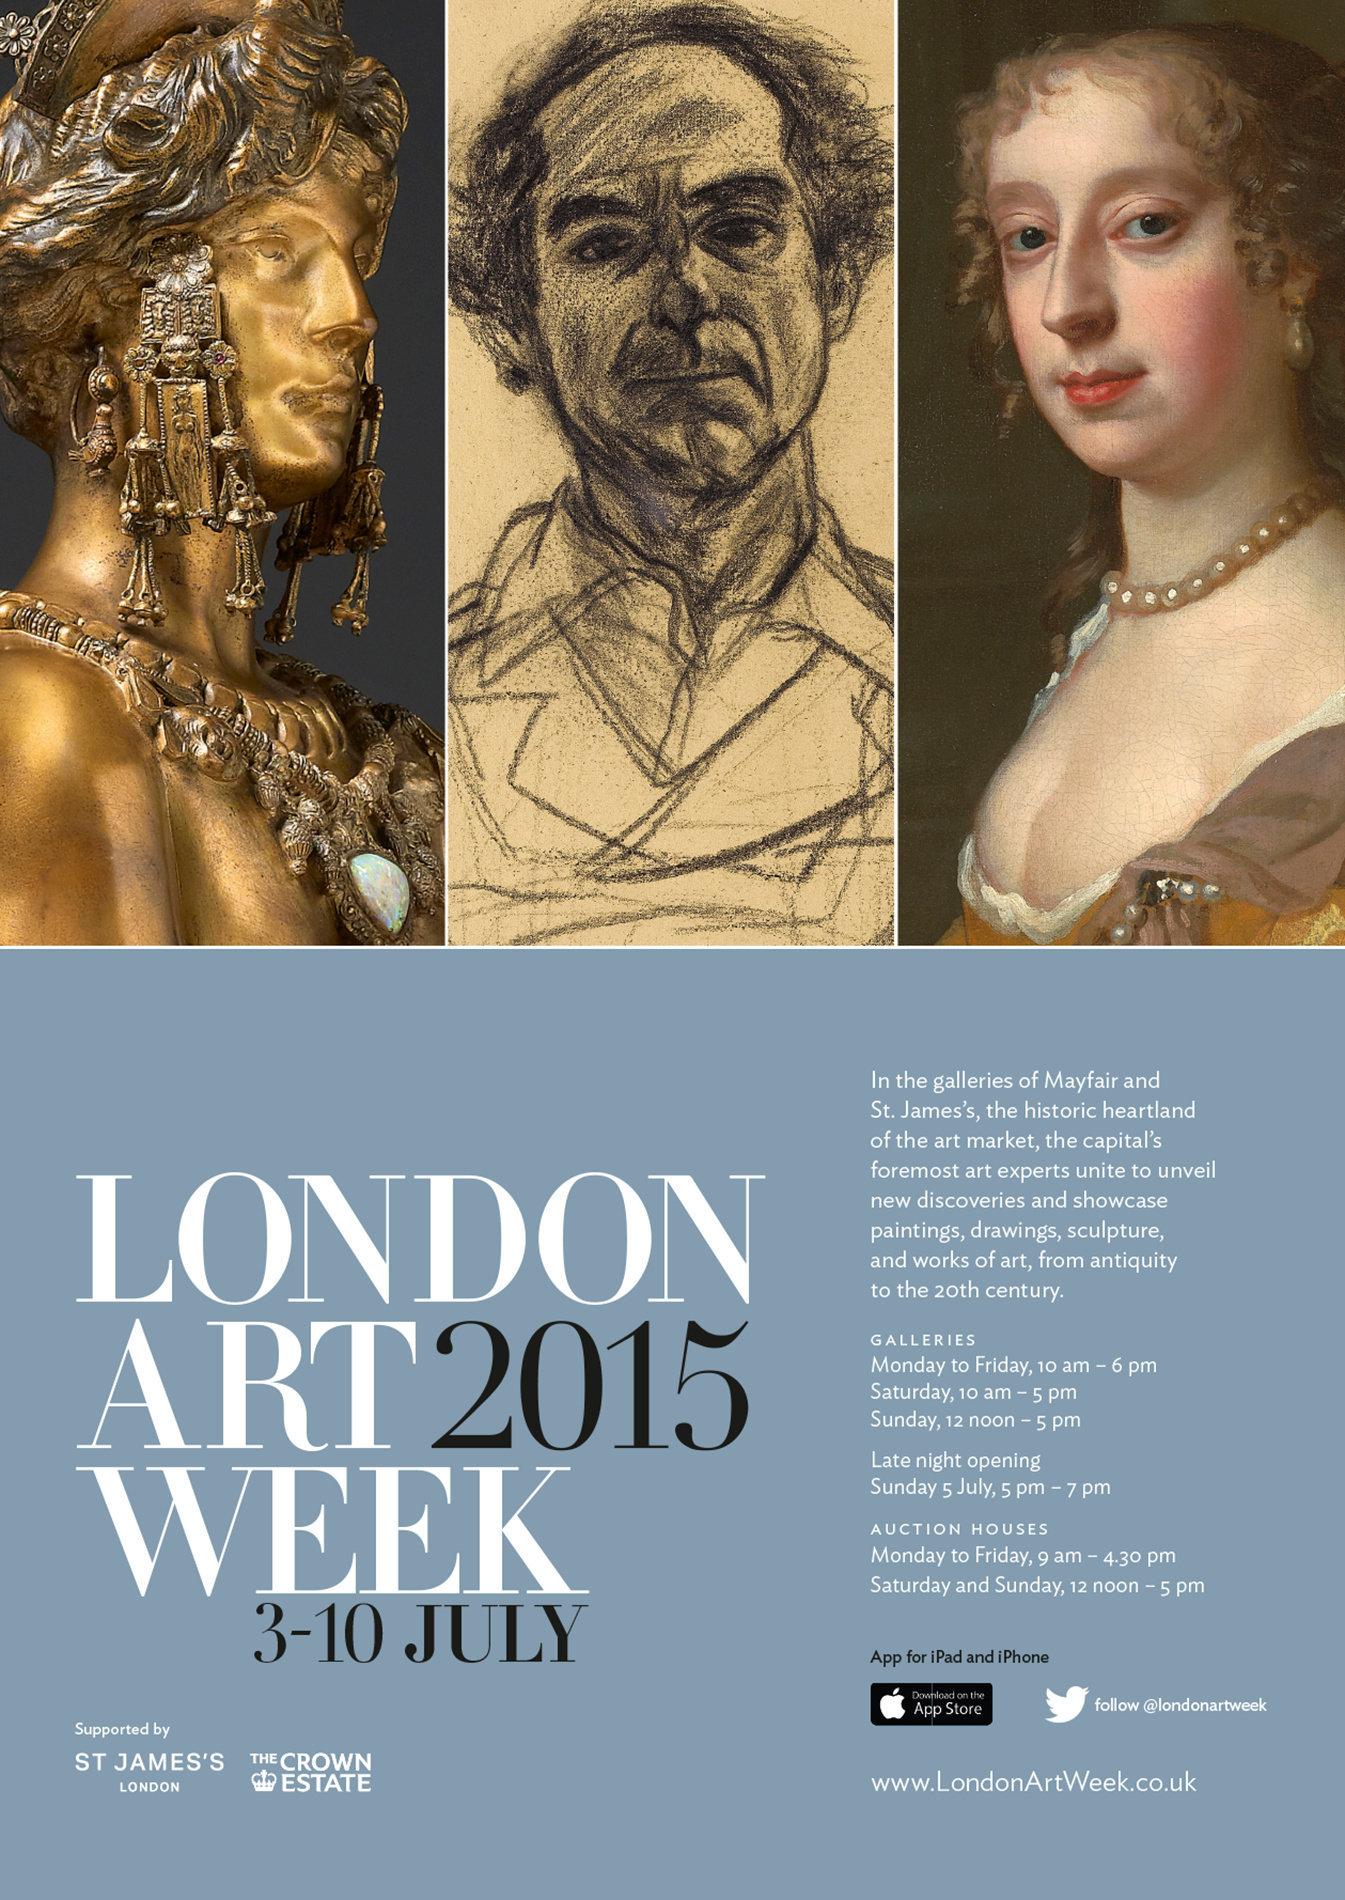 London Art Week July 2015